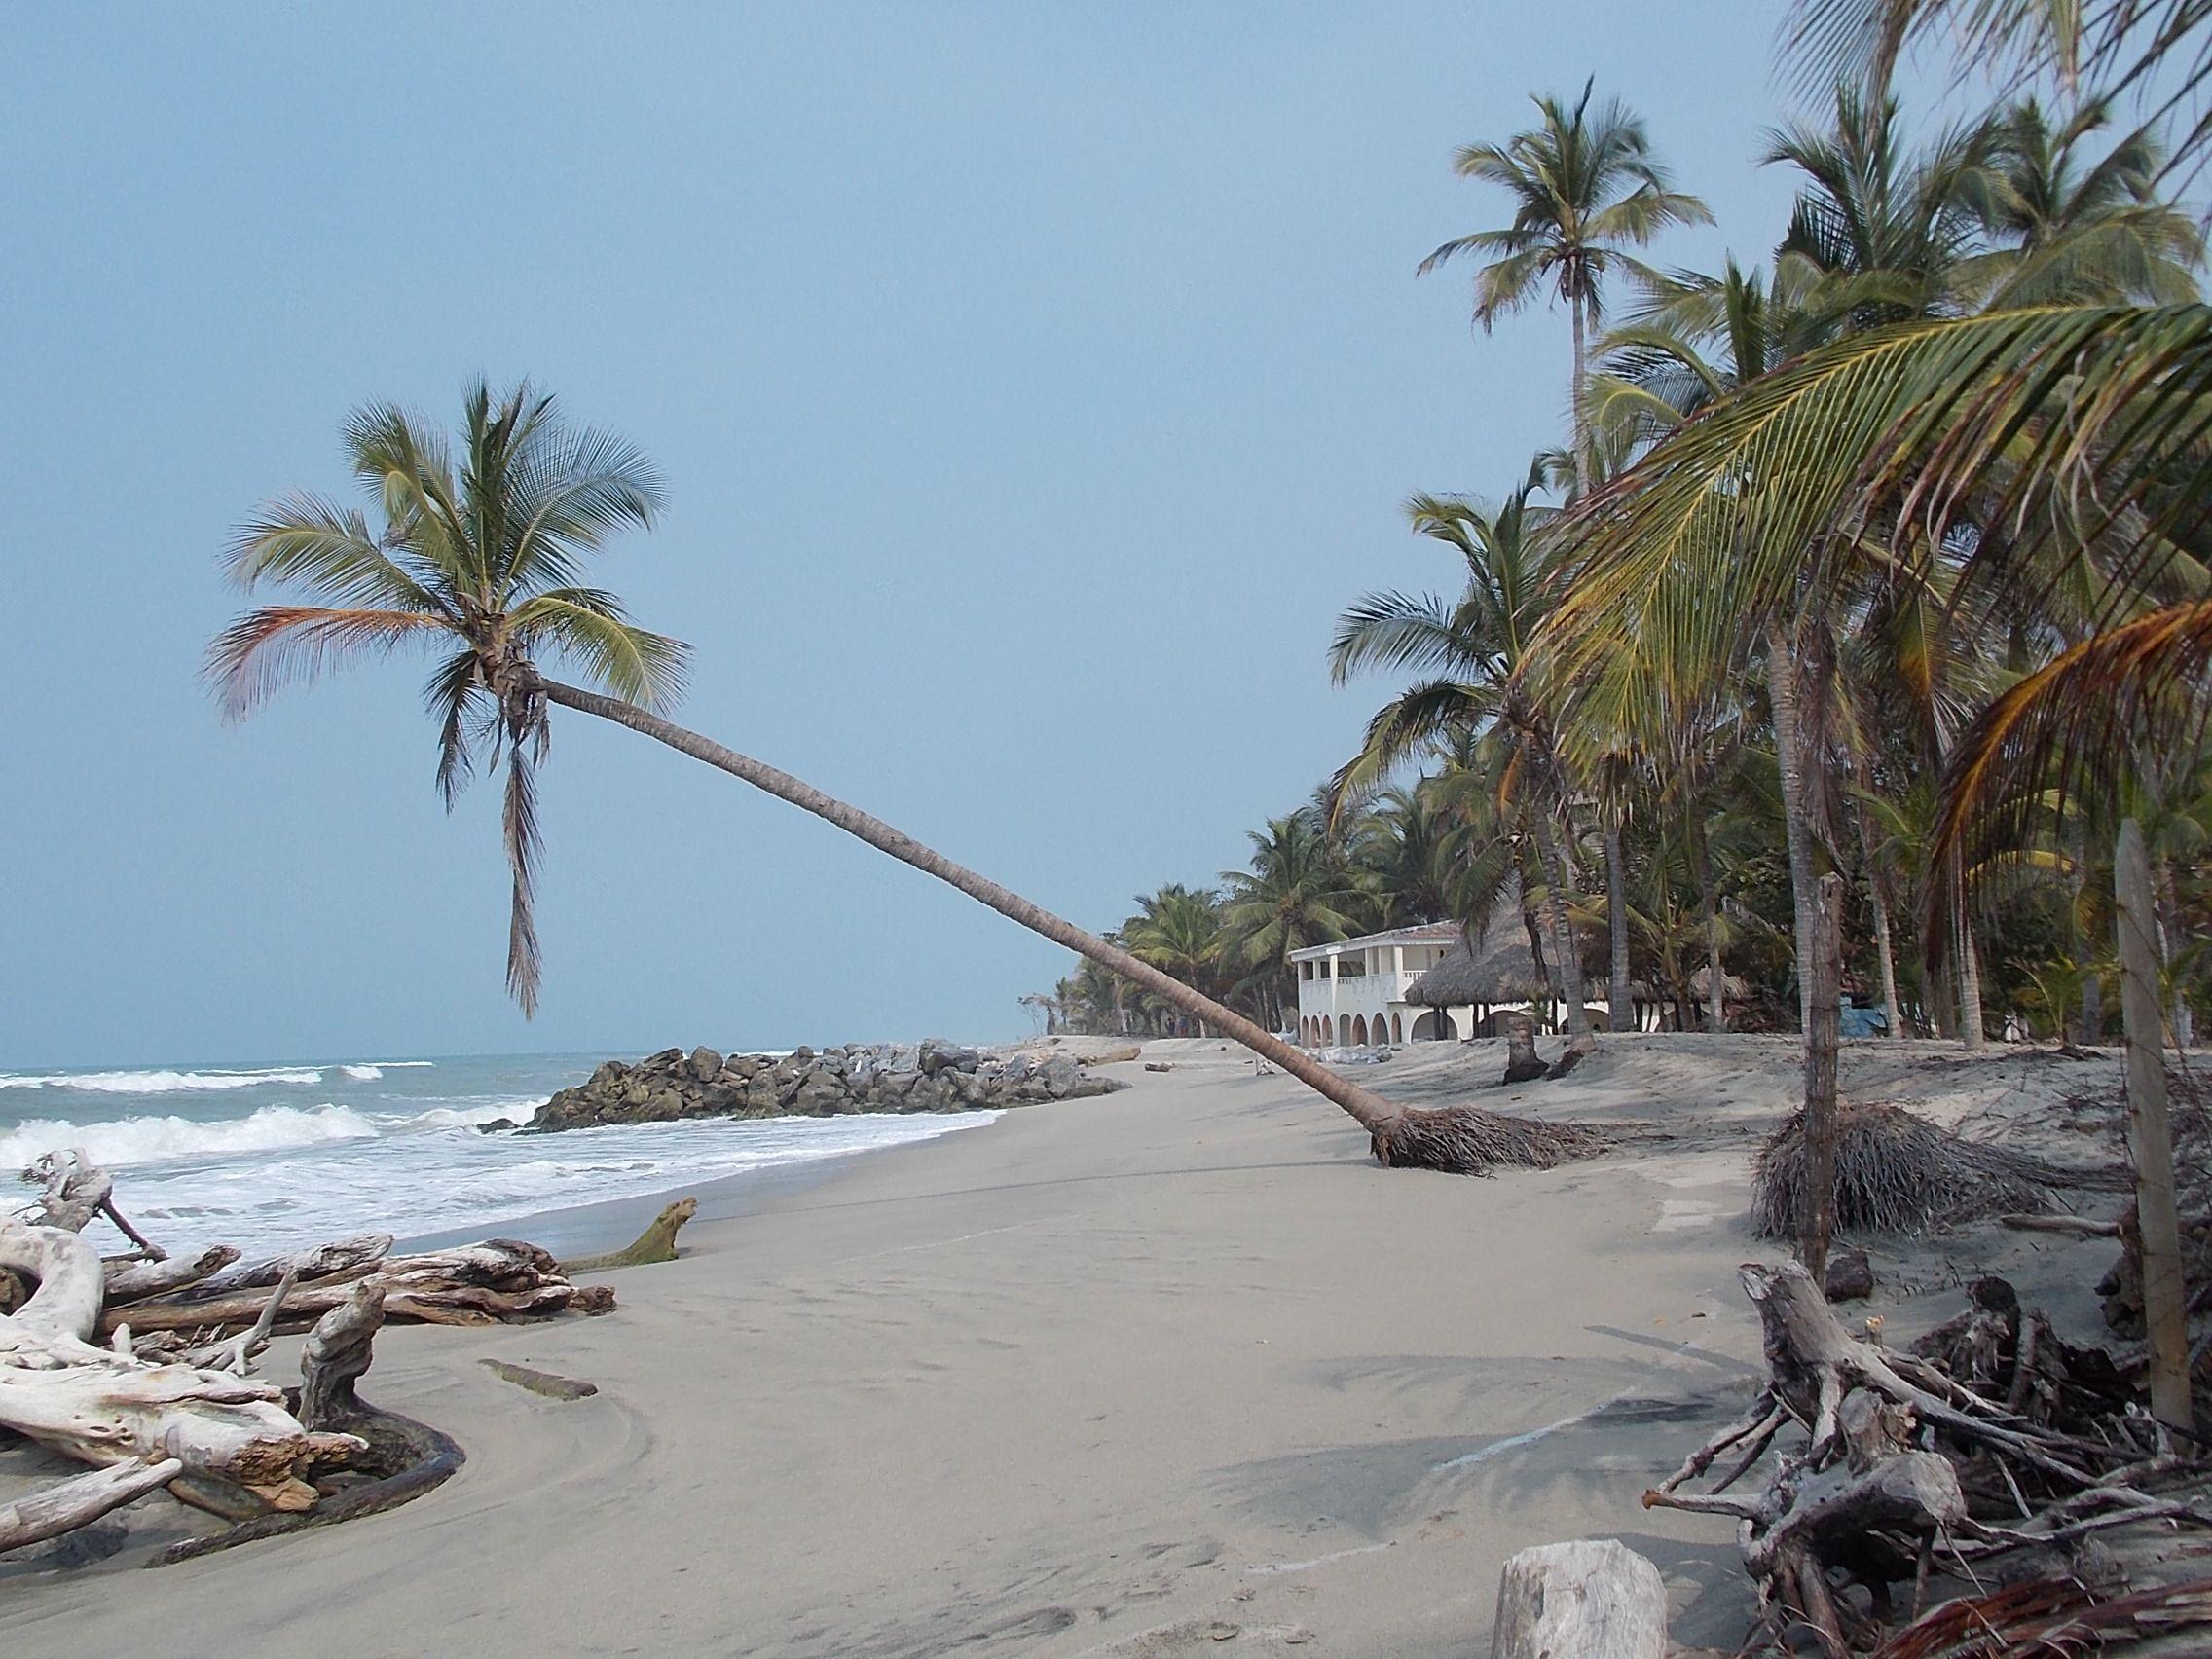 Buritaca Santa Marta Colombia Dream Destinations Surreal Places To Visit Places Amazingplaces Totravel Vacations Iwantgohere Viajes Colombia Vacaciones